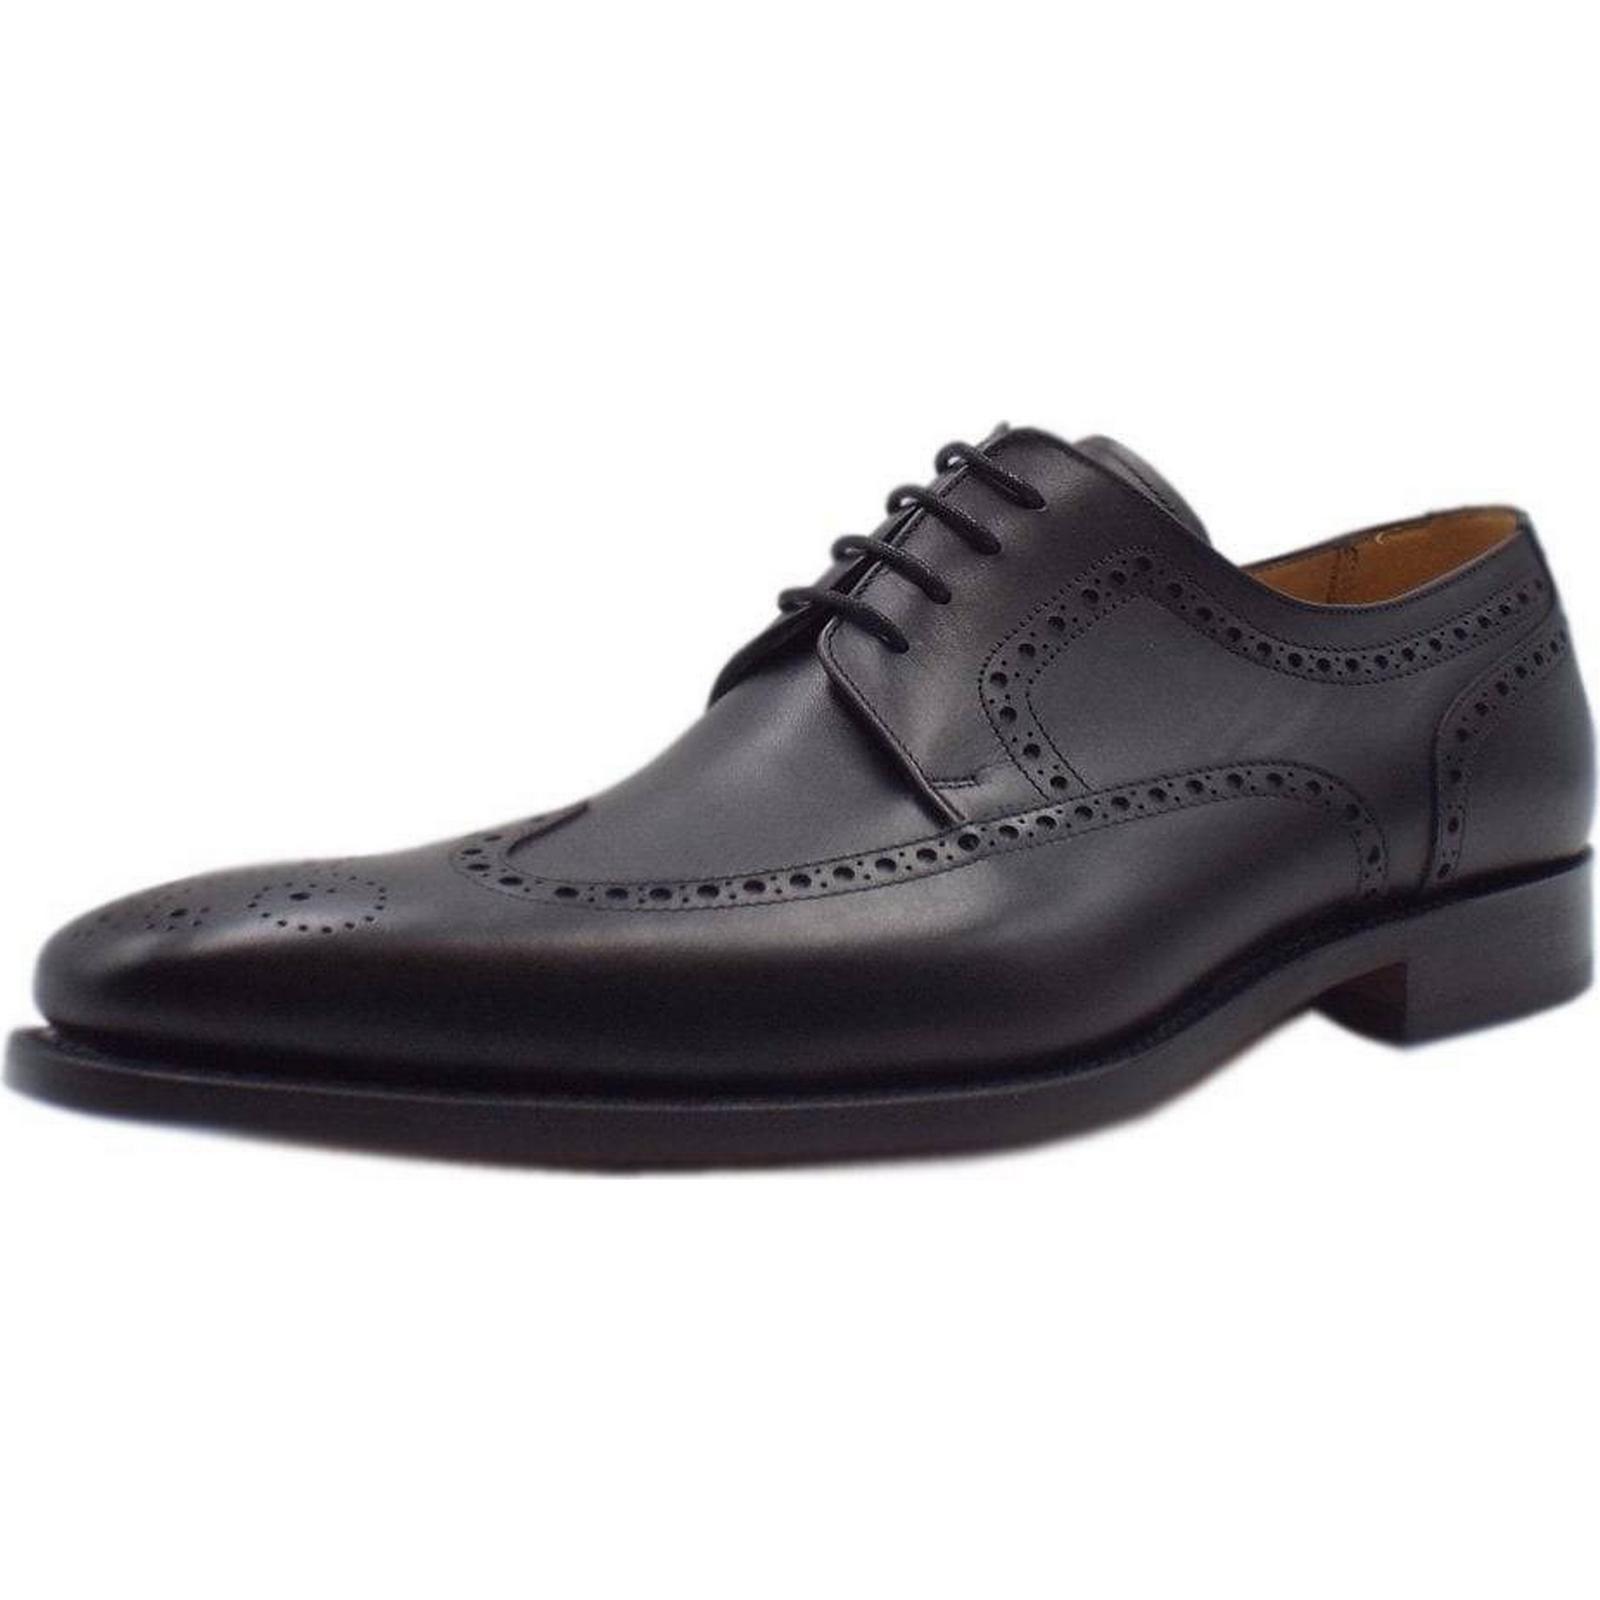 Barker LARRY BARKER Size: 4I WING TIP PROFESSIONL Size: BARKER 7, Colour: BLACK 2f1431